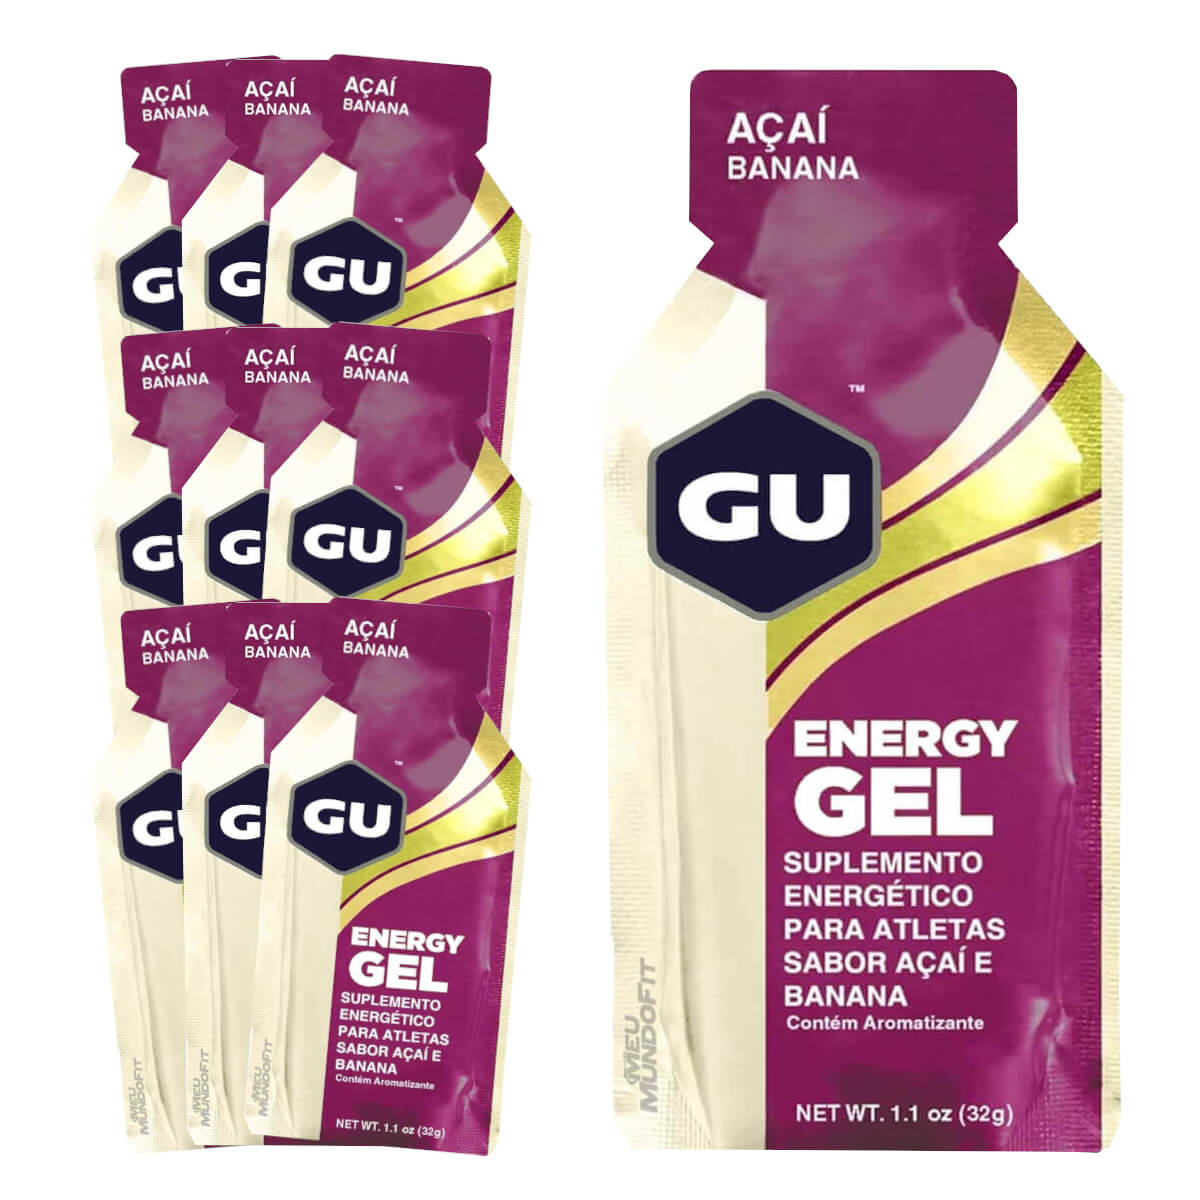 Caixa Gel Carboidrato Gu Energy Sabor Açai com Banana 10un